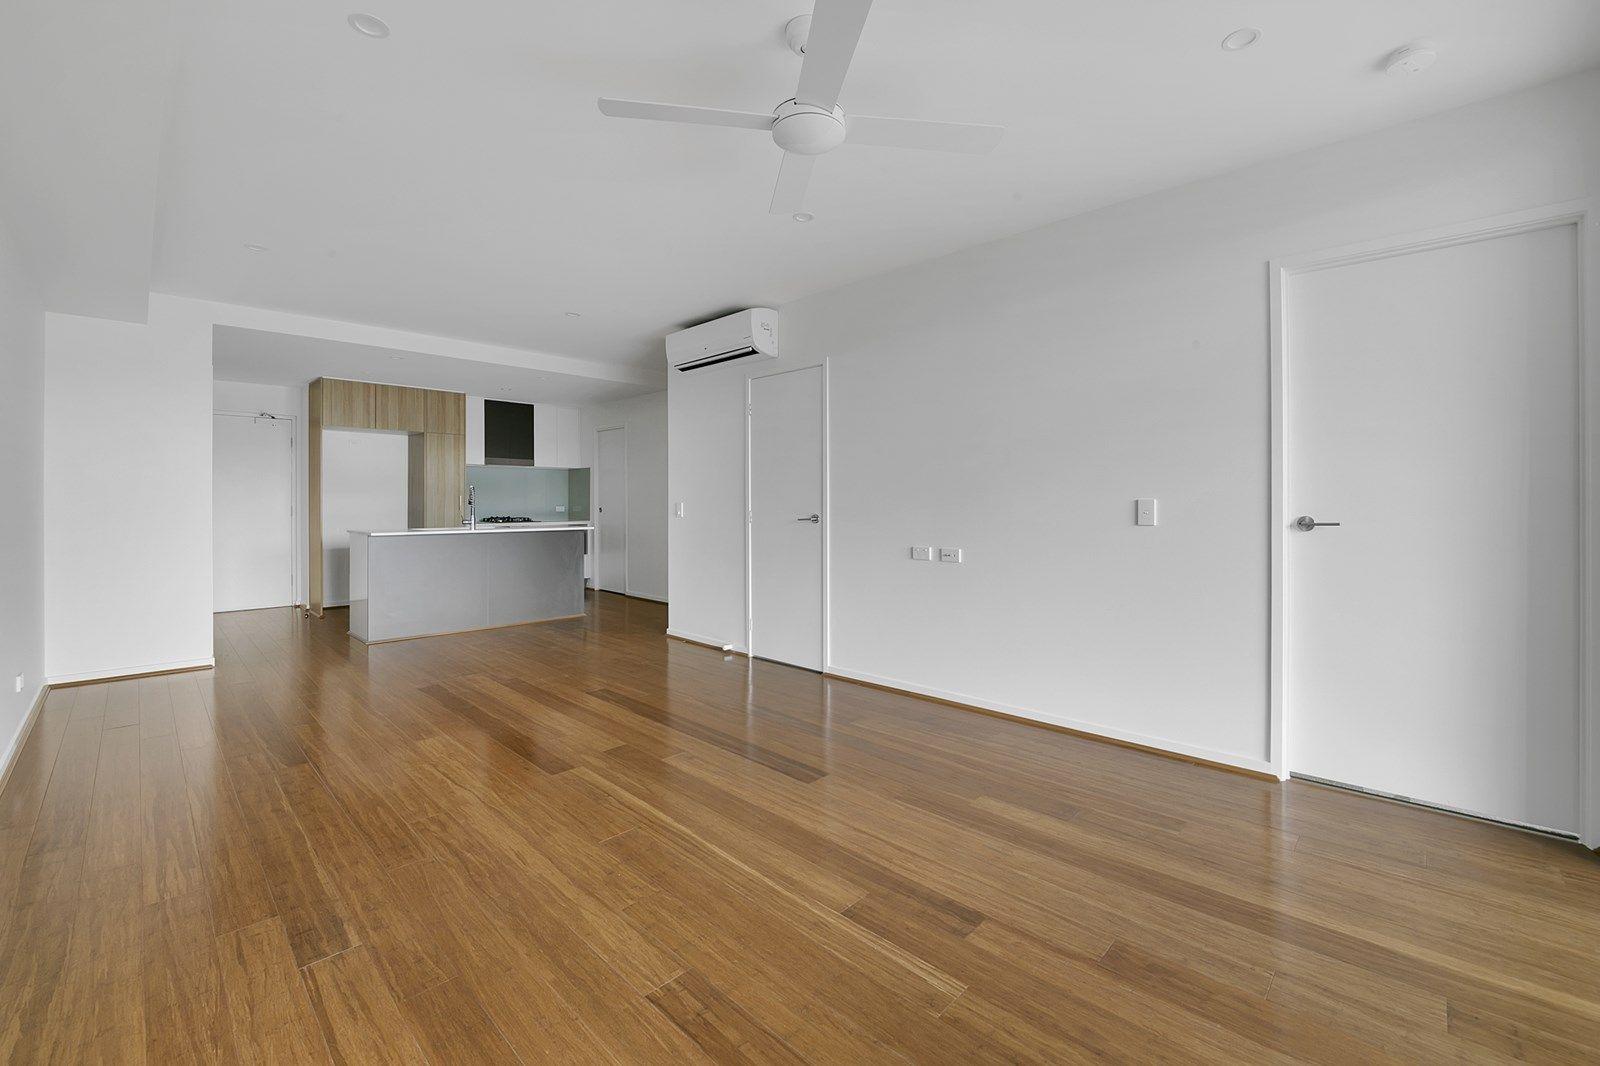 27/8 Mayhew Street, Sherwood QLD 4075, Image 2